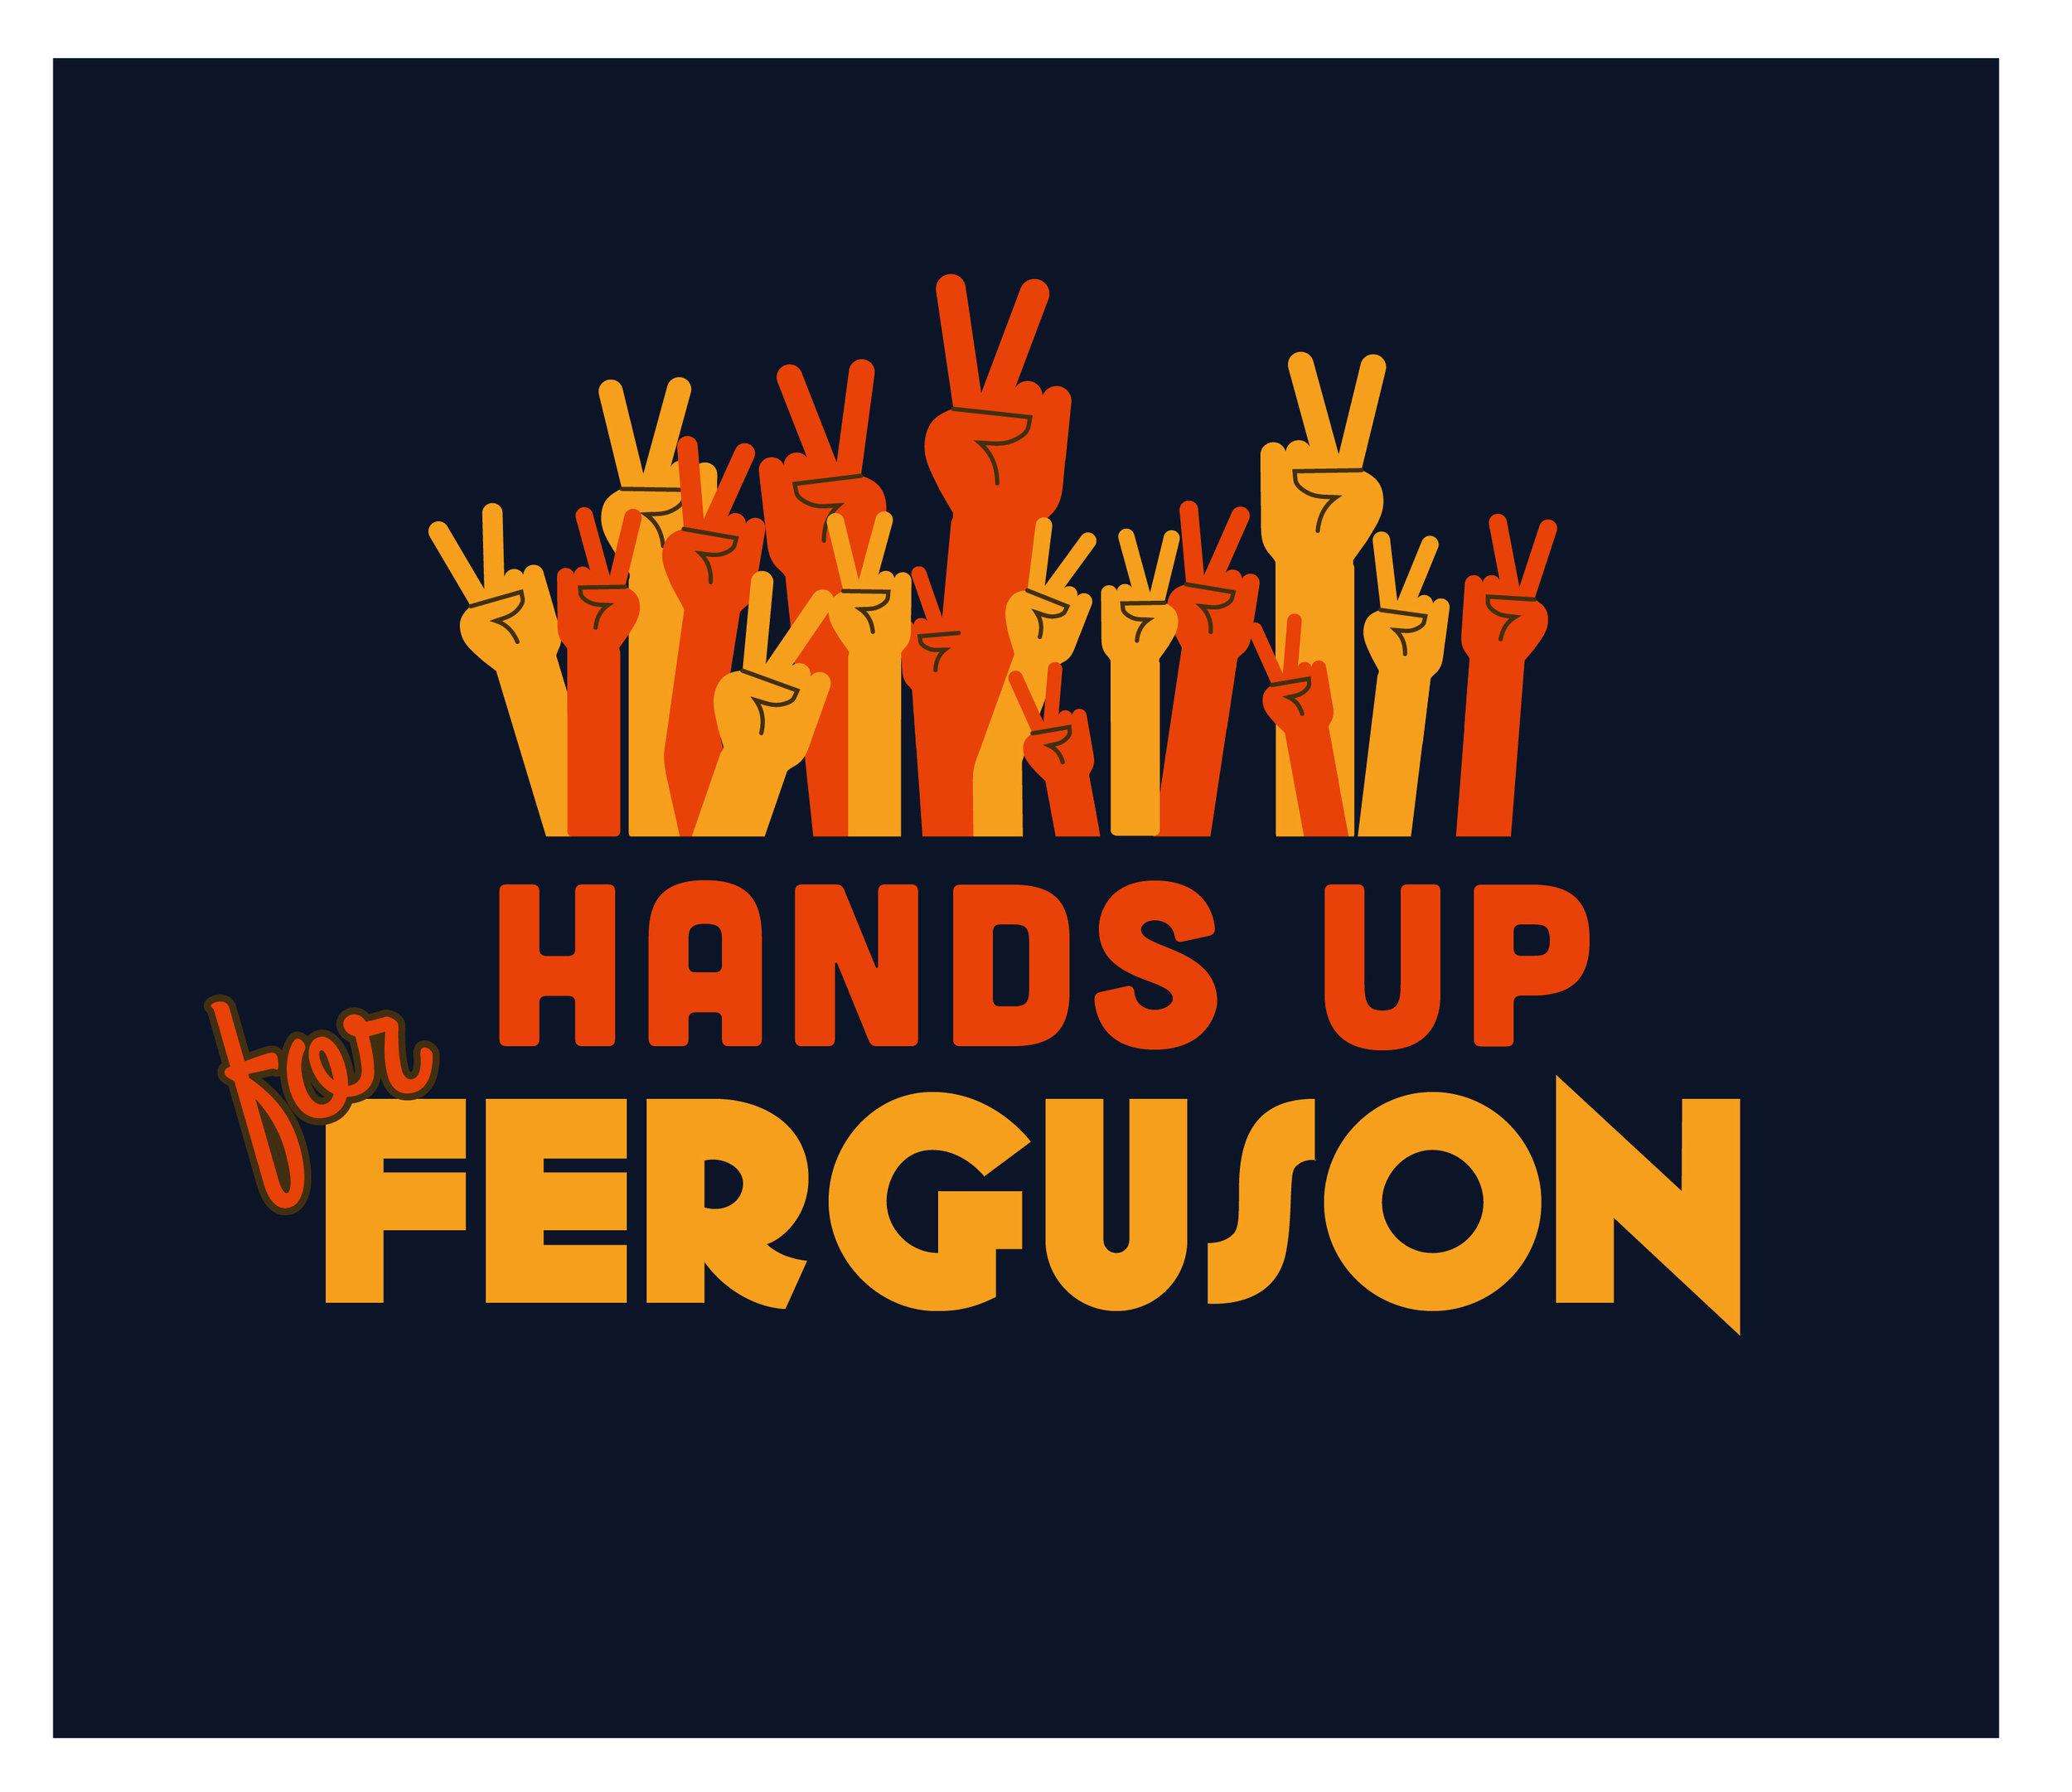 ferguson-01.jpg